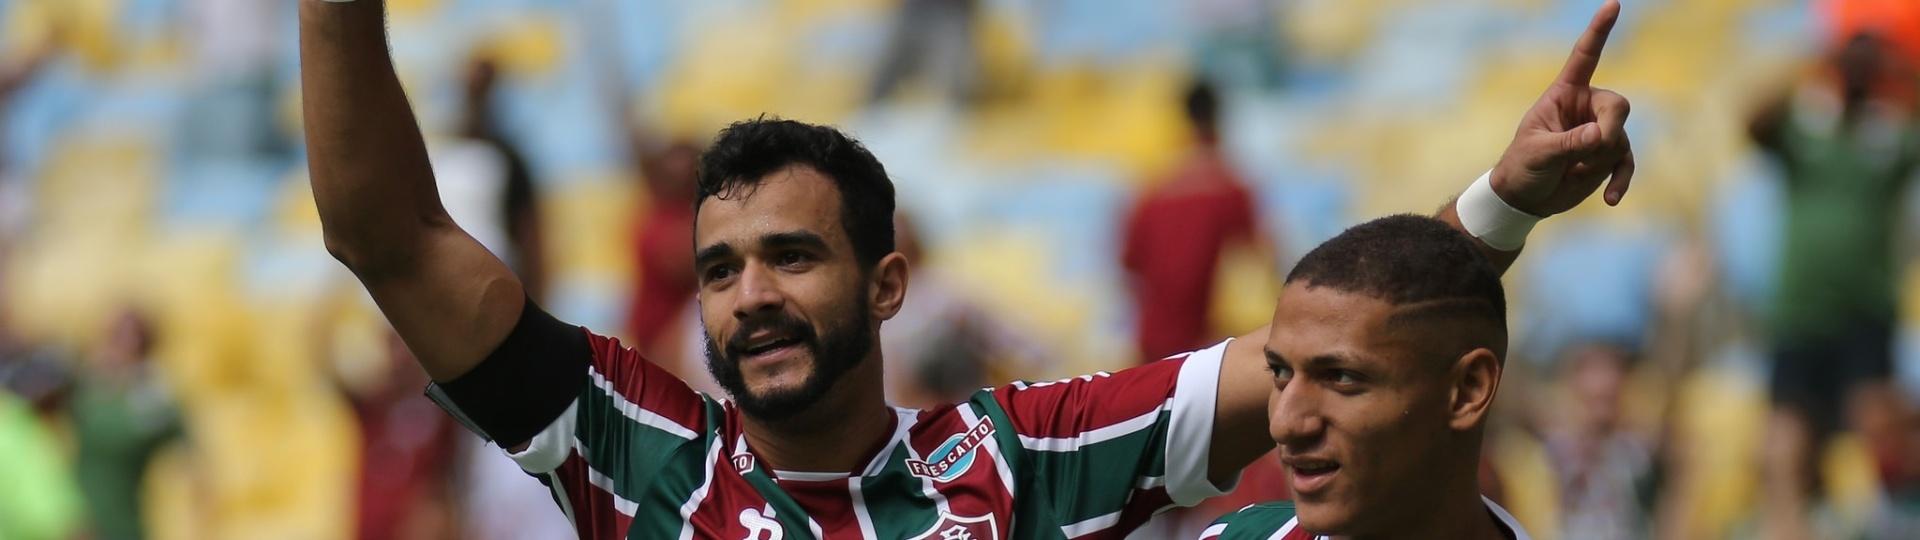 Henrique Dourado comemora gol do Fluminense sobre Santos